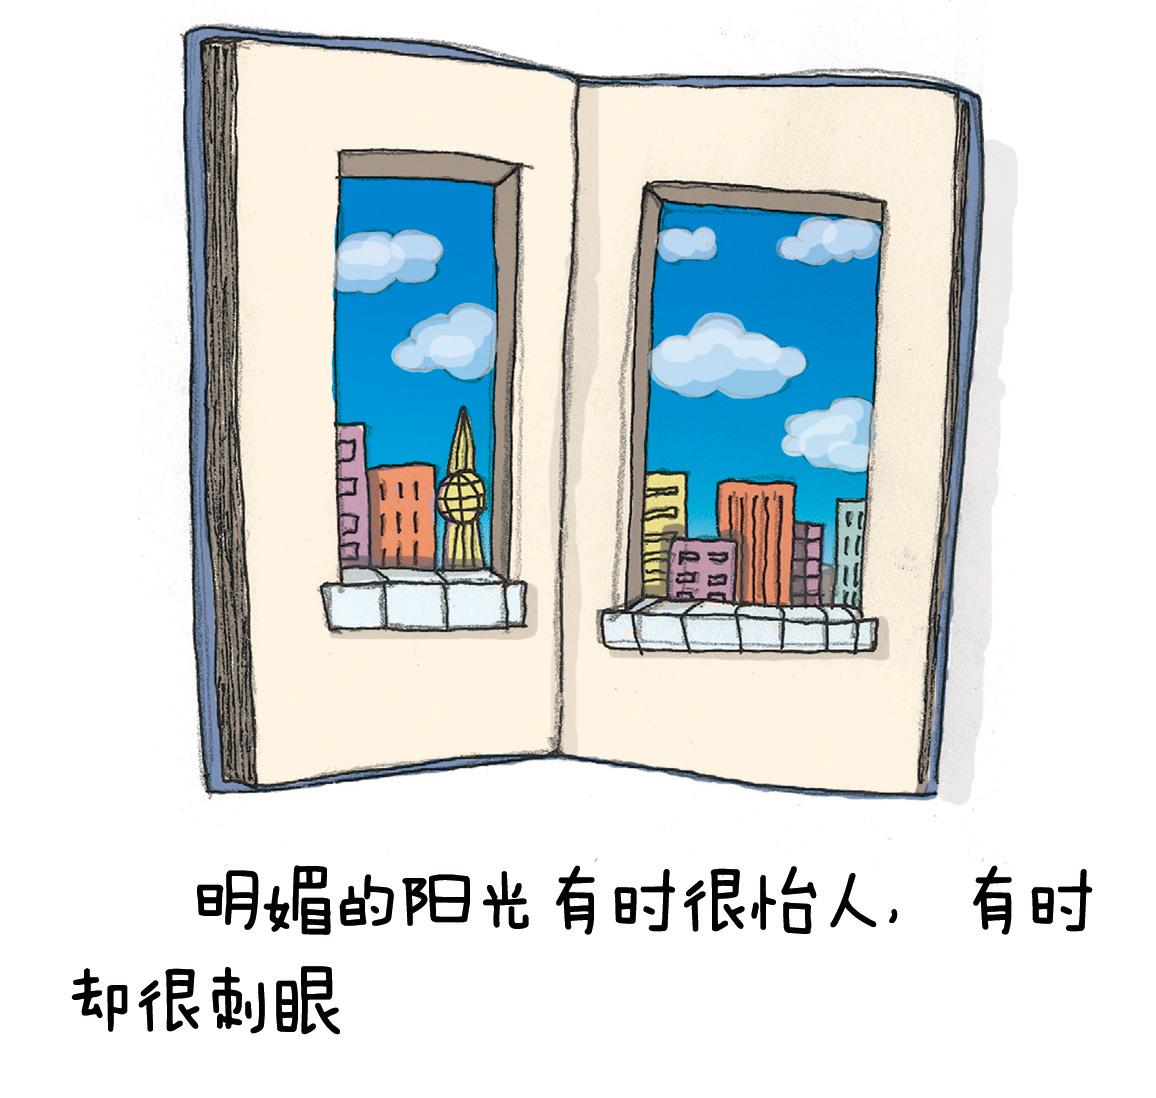 书的创意手绘